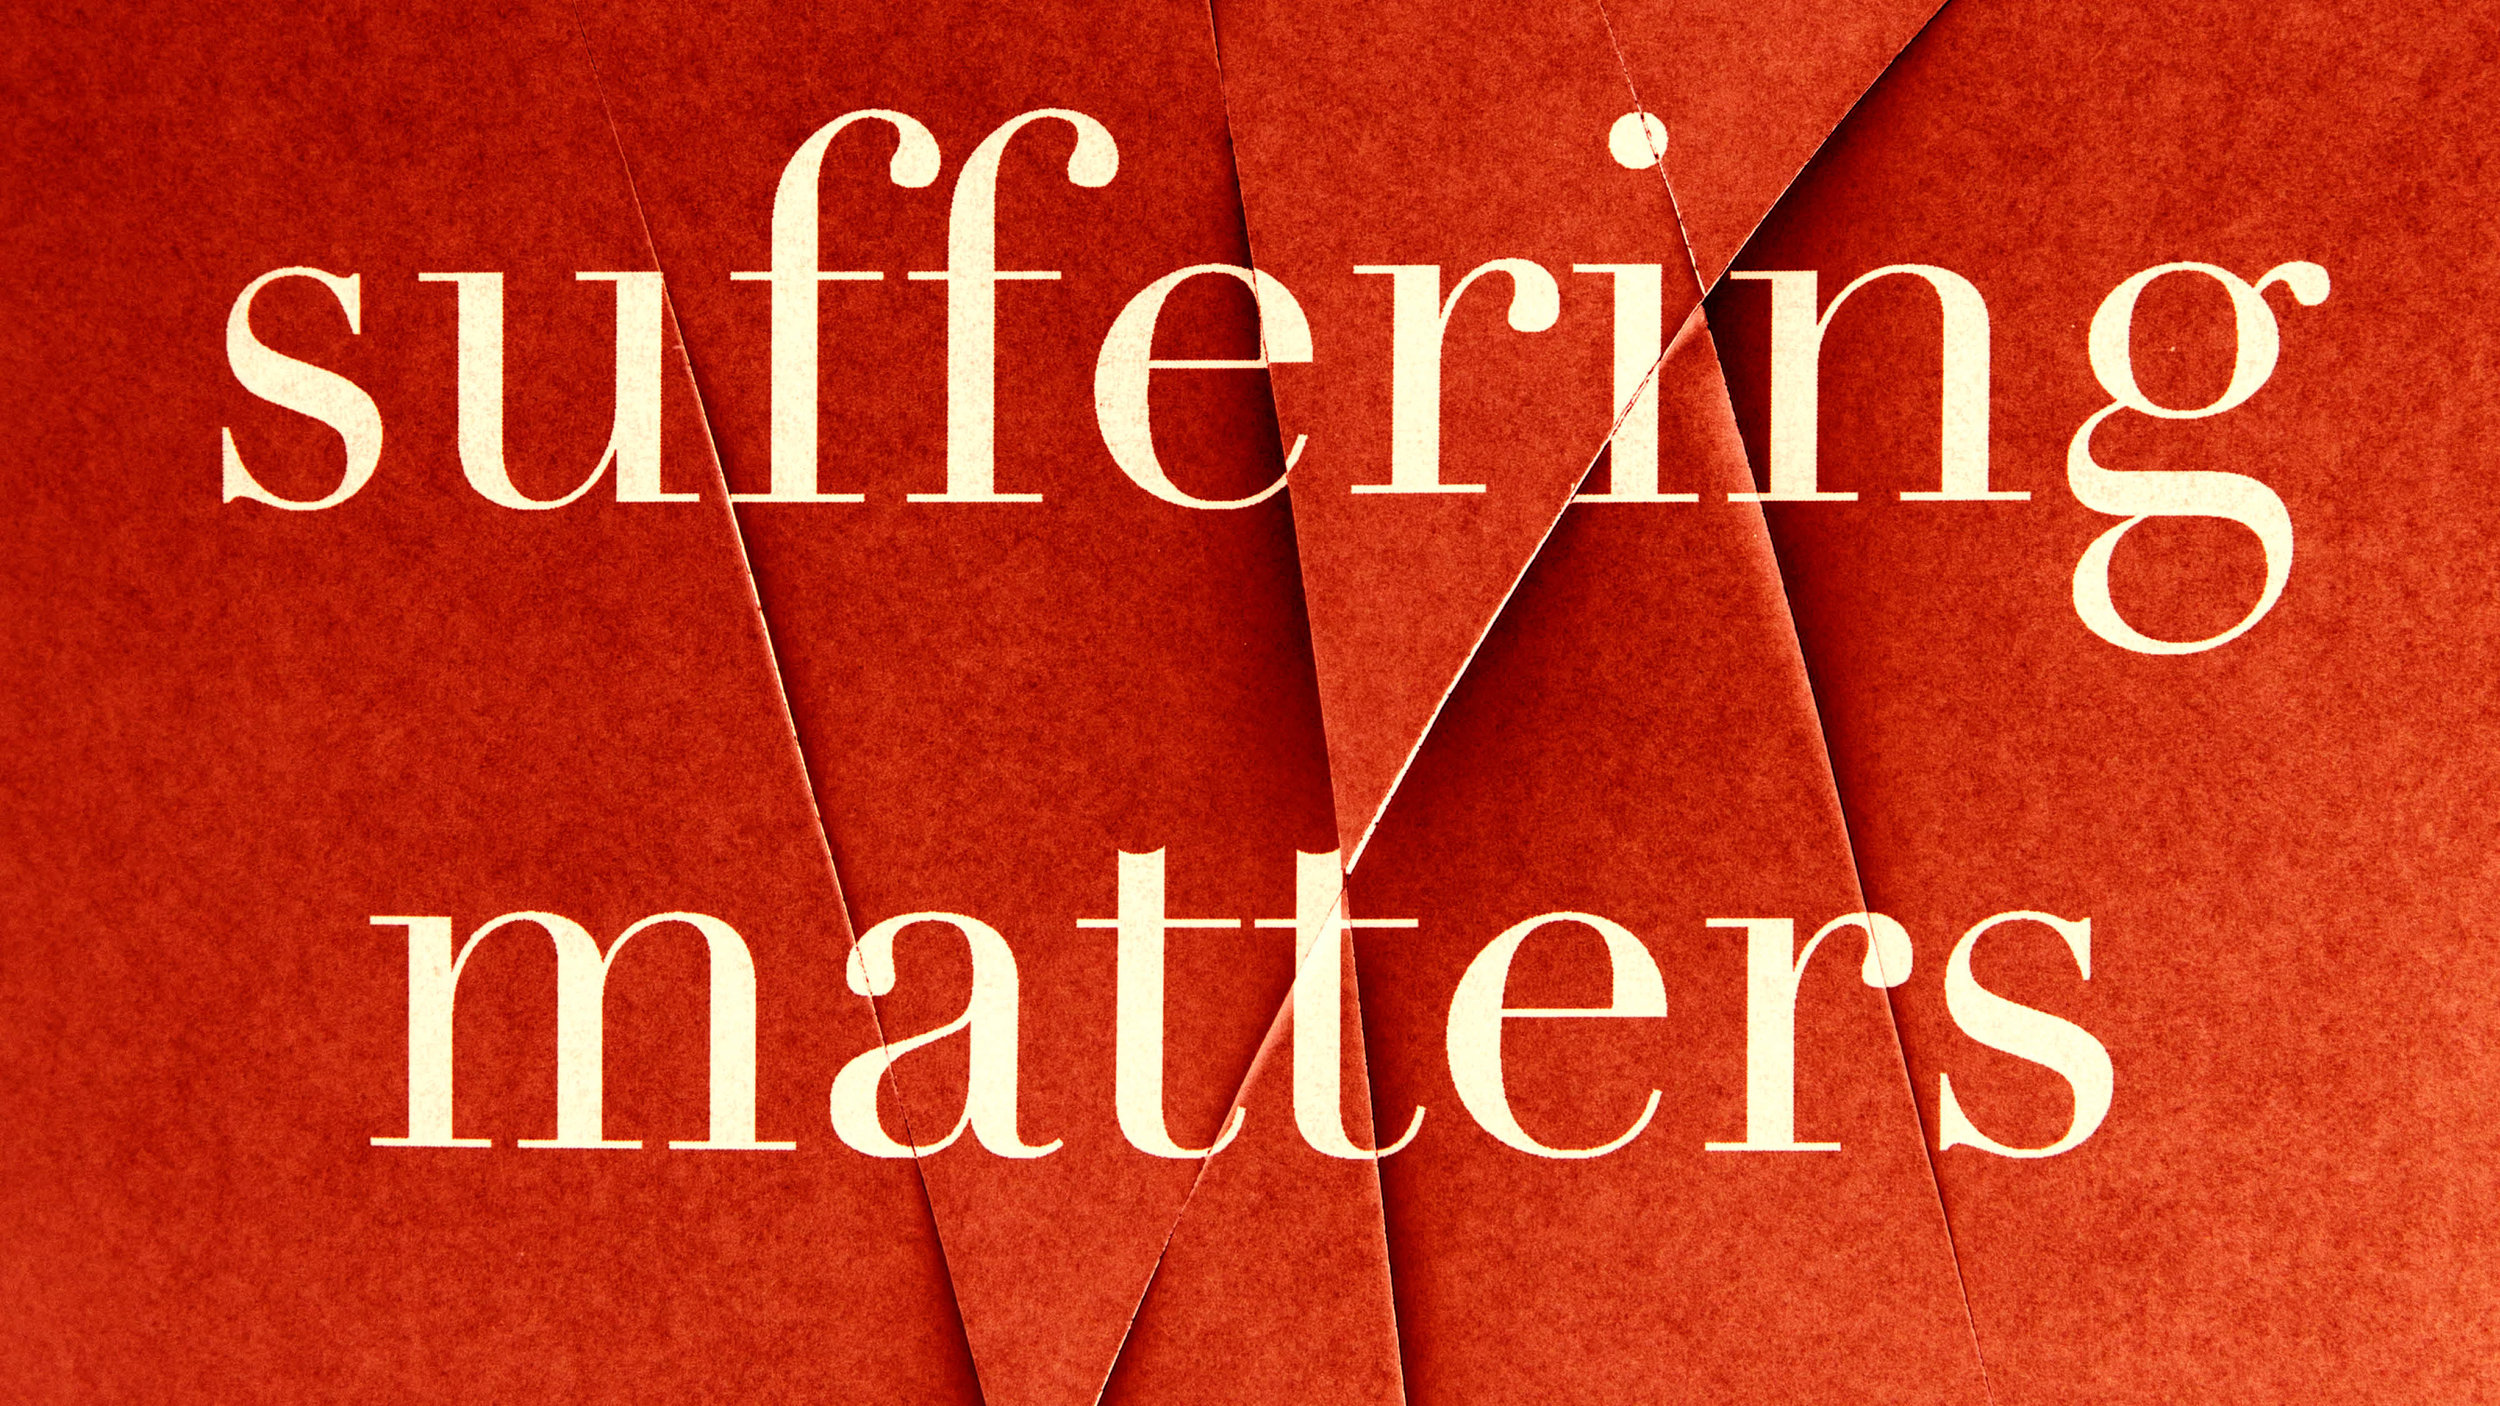 suffering matters slide1.jpg